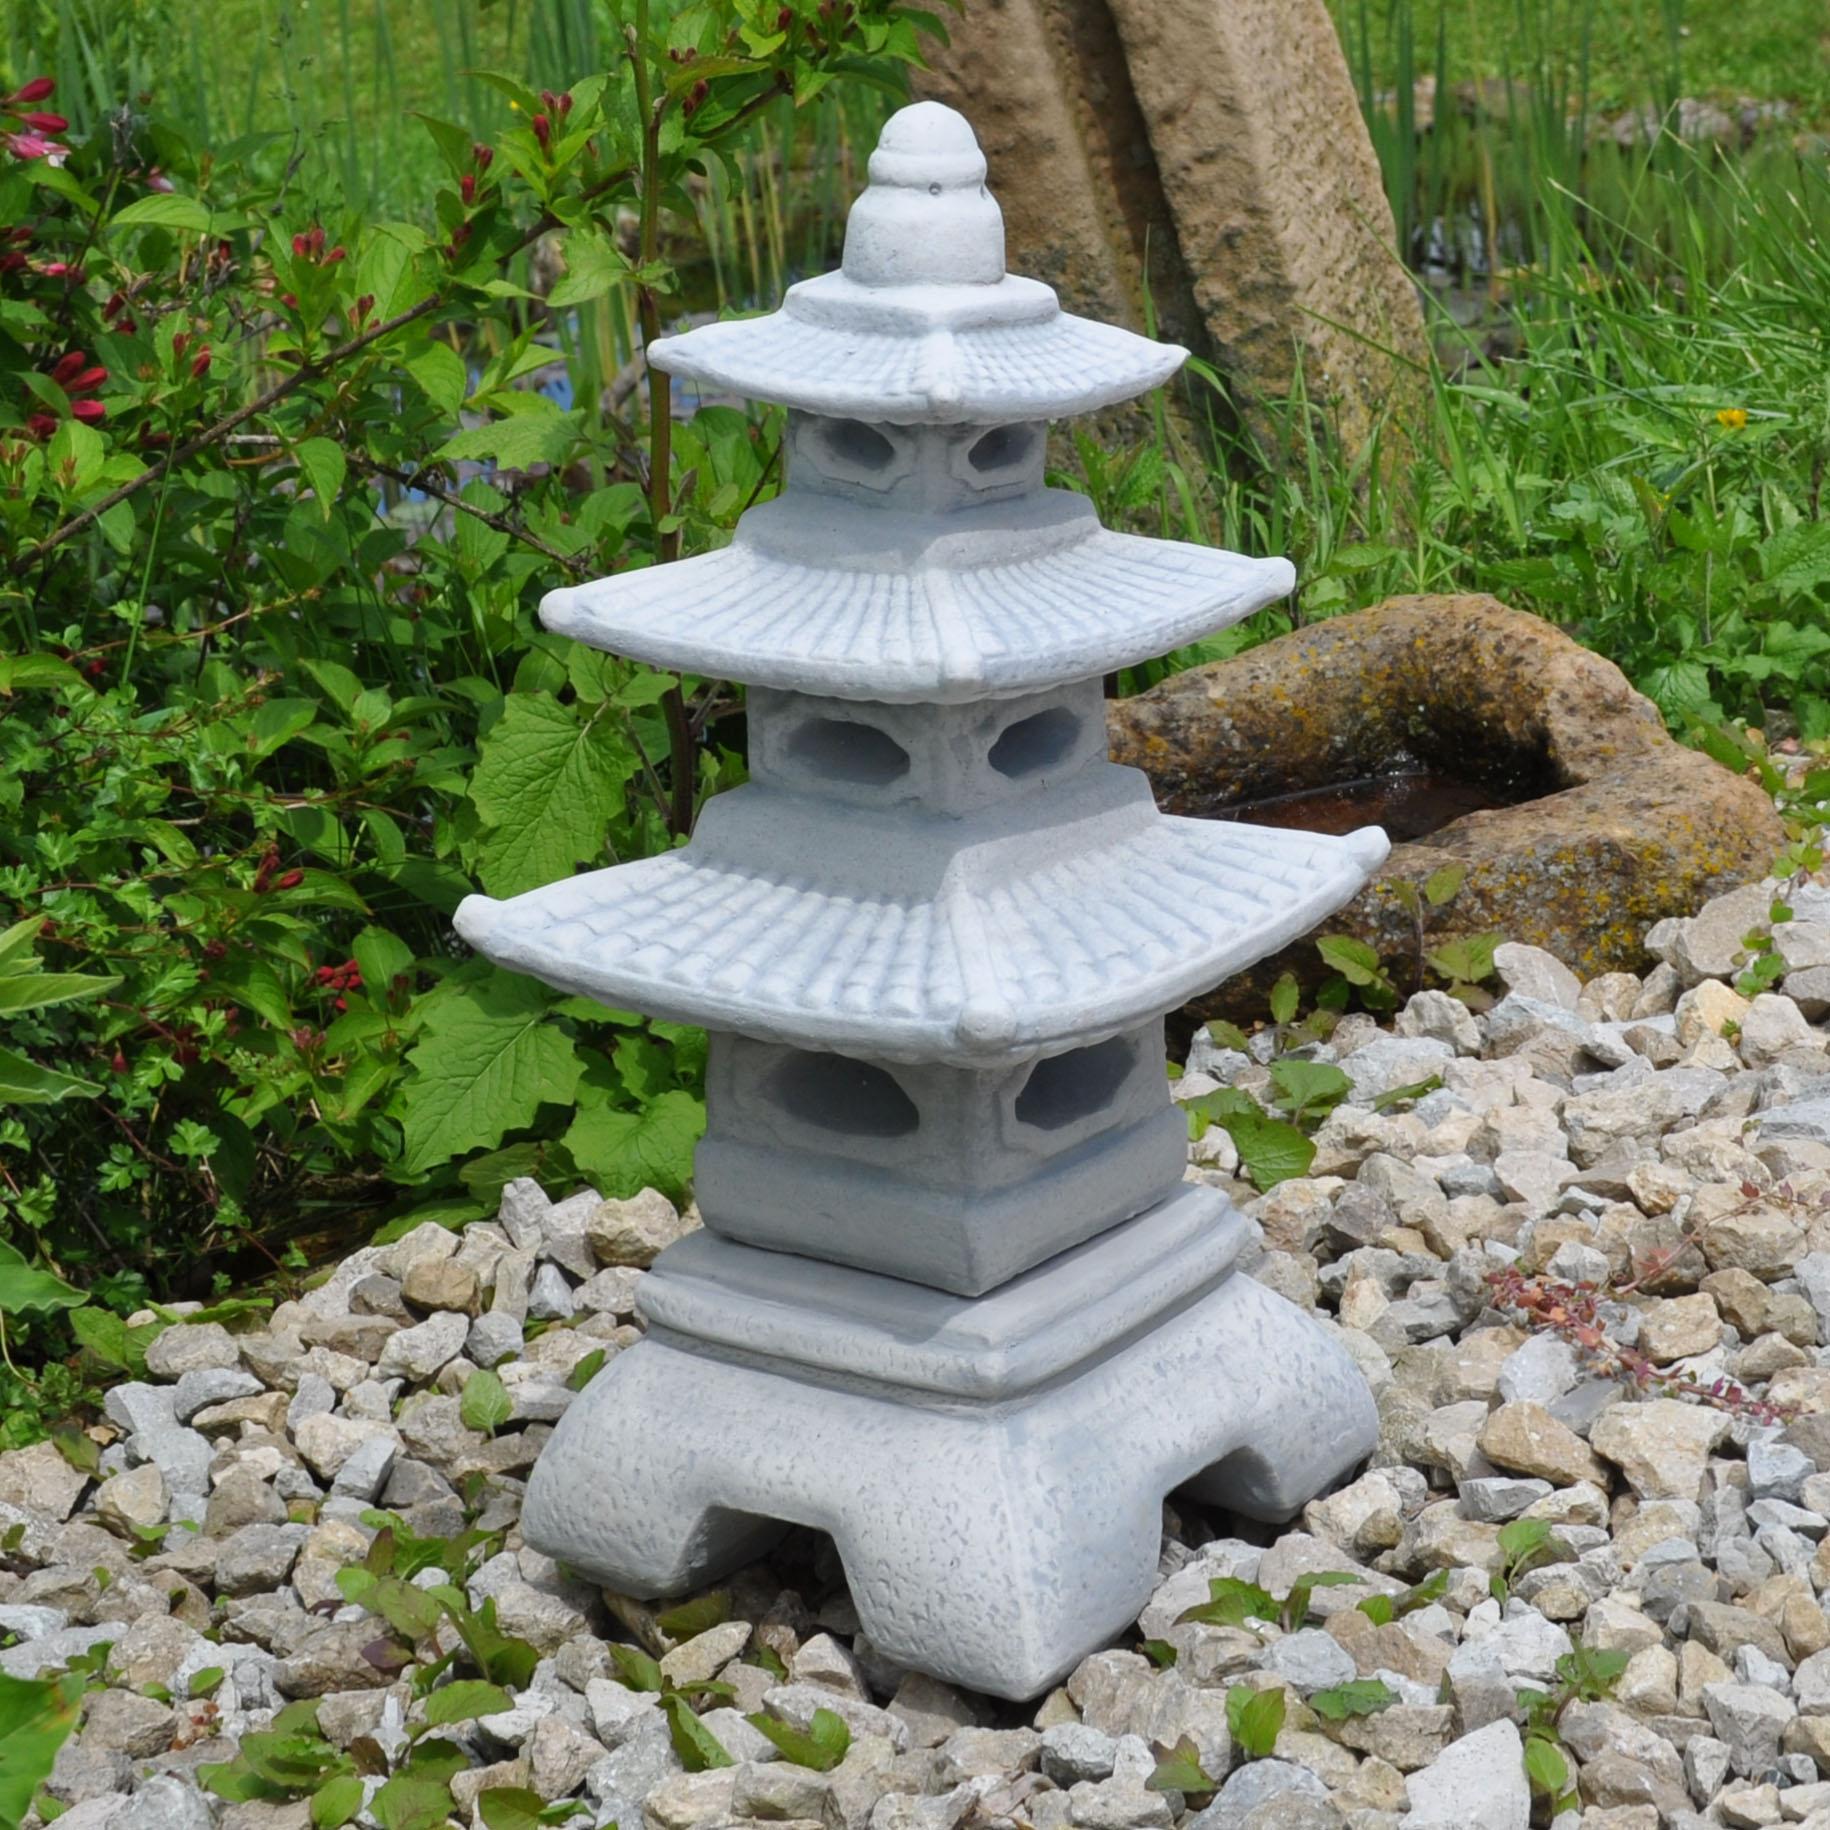 Japanische laterne pagode steinlaterne yukimi gartenlampe for Japanische gartenfiguren